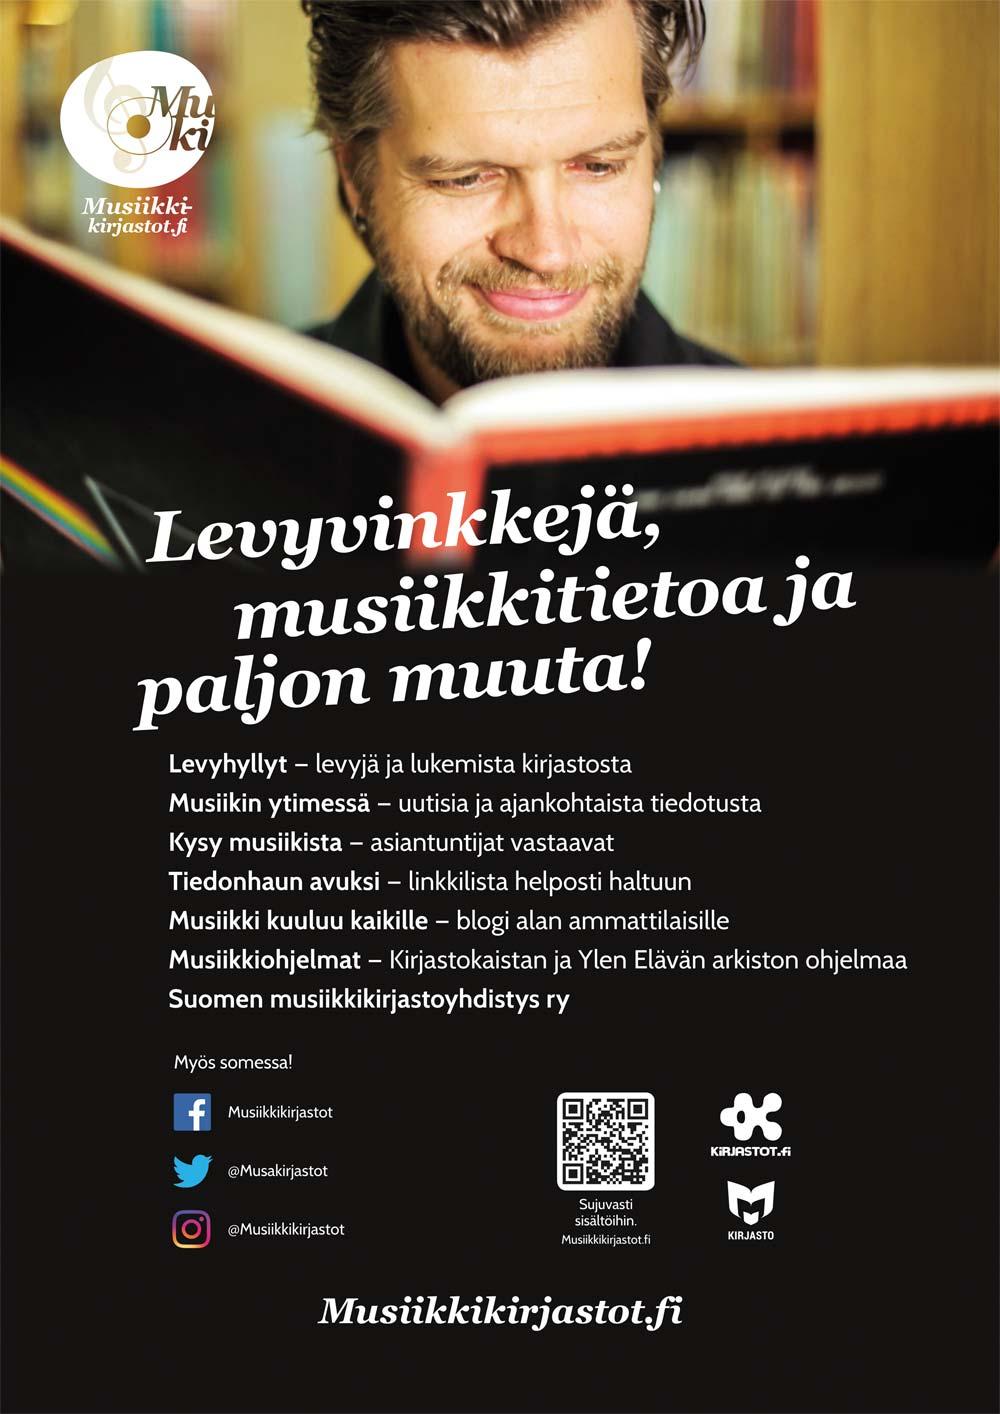 Musiikkikirjastot.fi:n uusi juliste julkaistiin lokakuussa 2018. Löydät printattavan ja infotelkkariin sopivan kuvan Materiaalipankista.